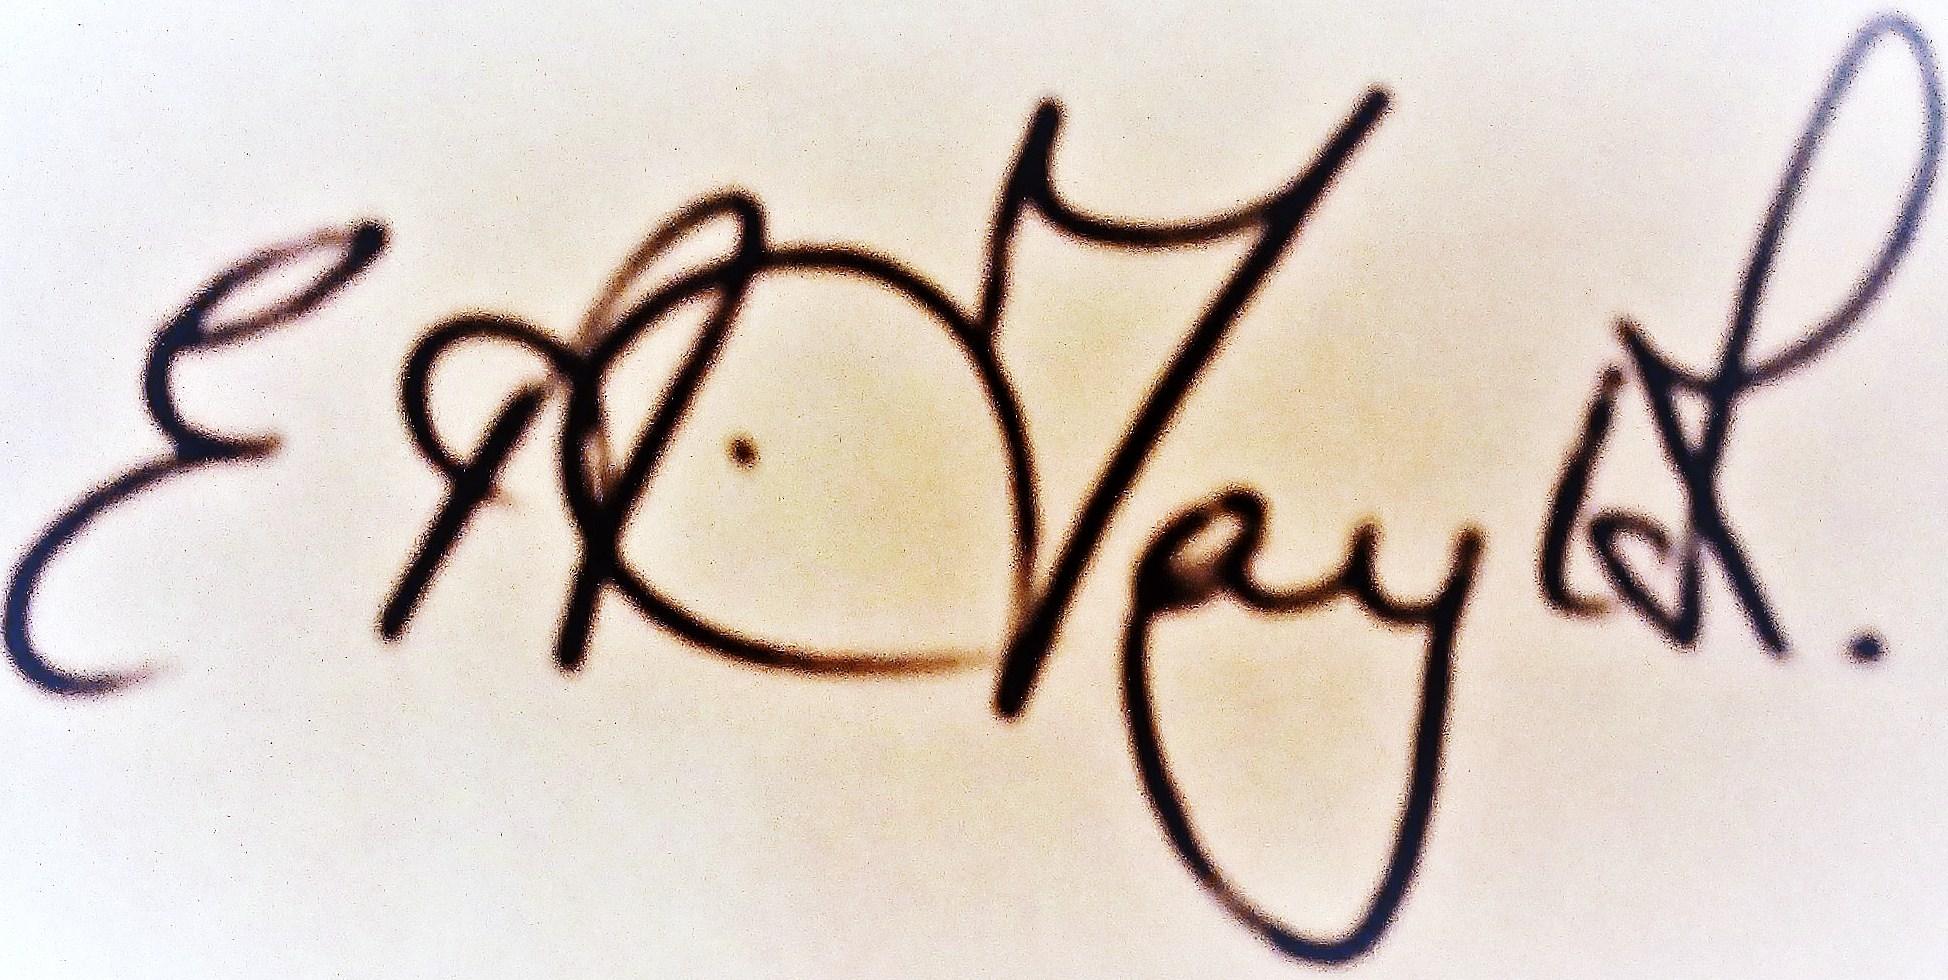 Liz fITZGERALD-TAYLOR's Signature